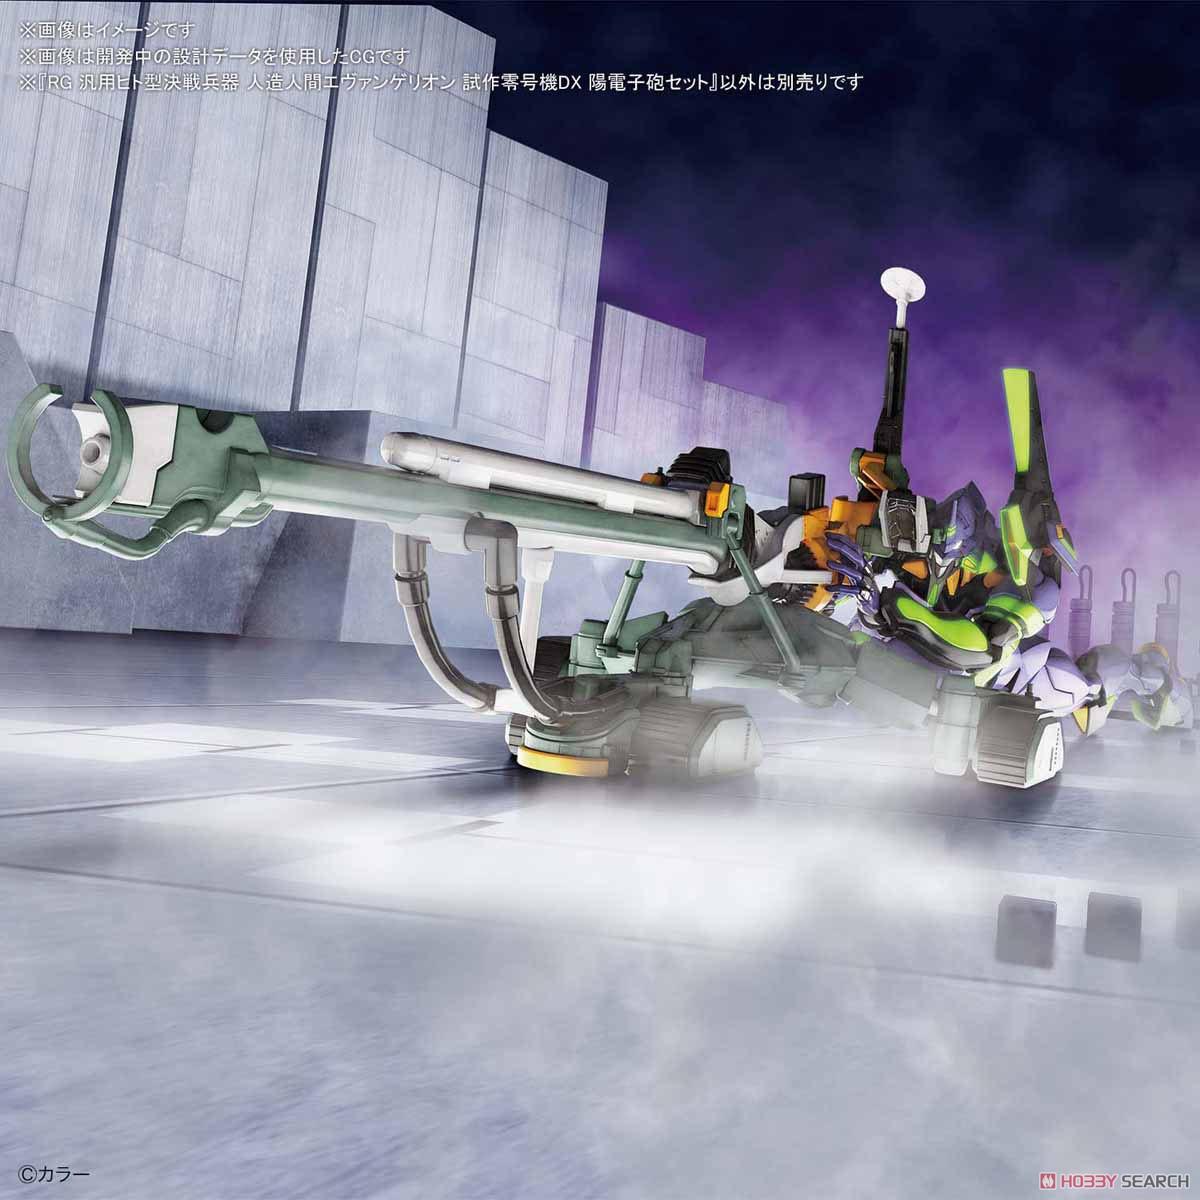 【再販】RG『汎用ヒト型決戦兵器 人造人間エヴァンゲリオン試作零号機DX 陽電子砲セット』プラモデル-015